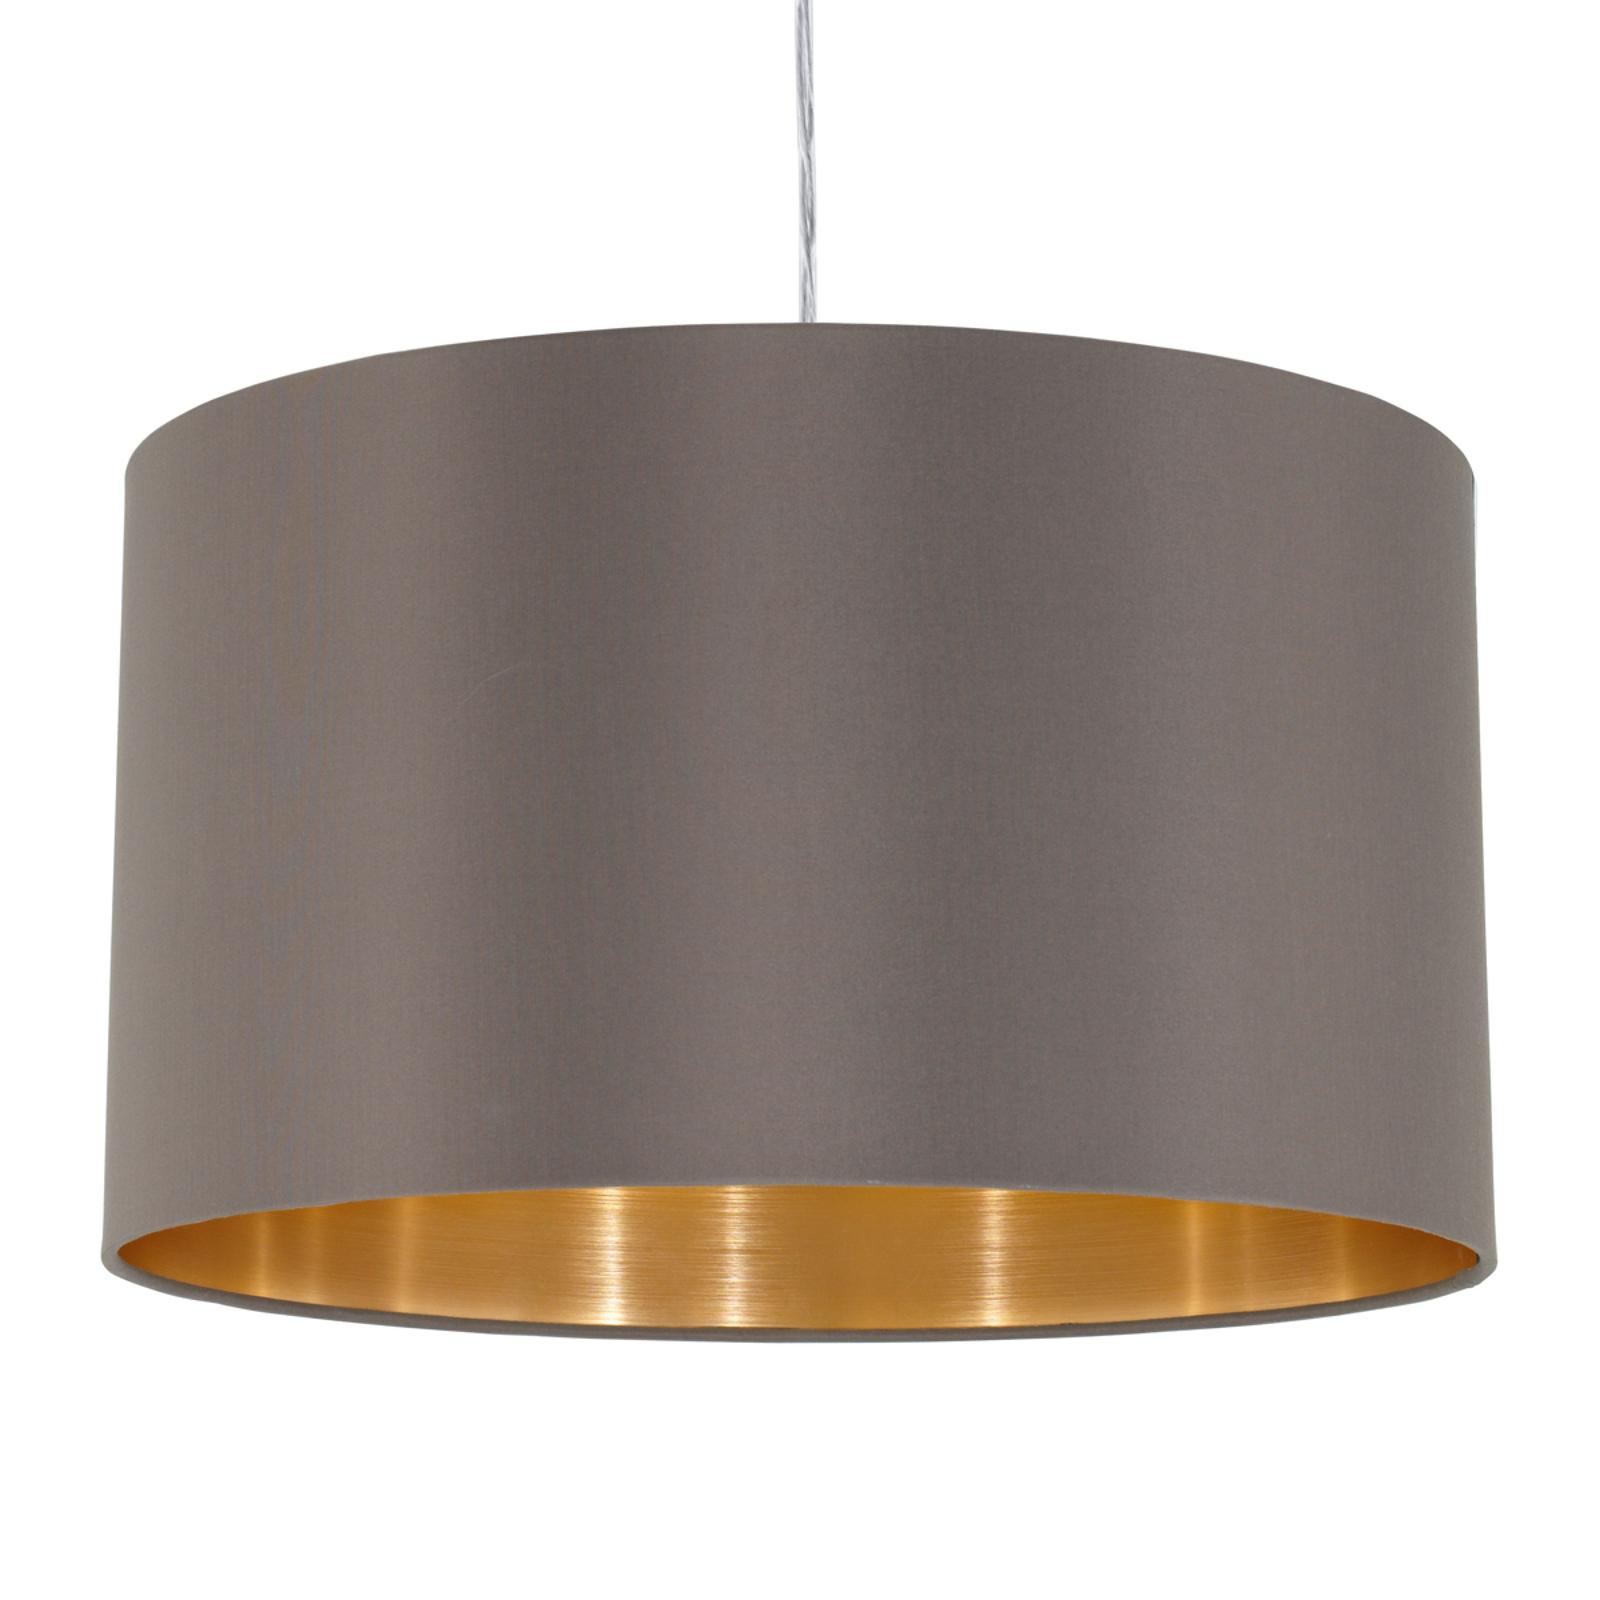 Lampada a sospensione Maserlo, cappuccino, 38 cm